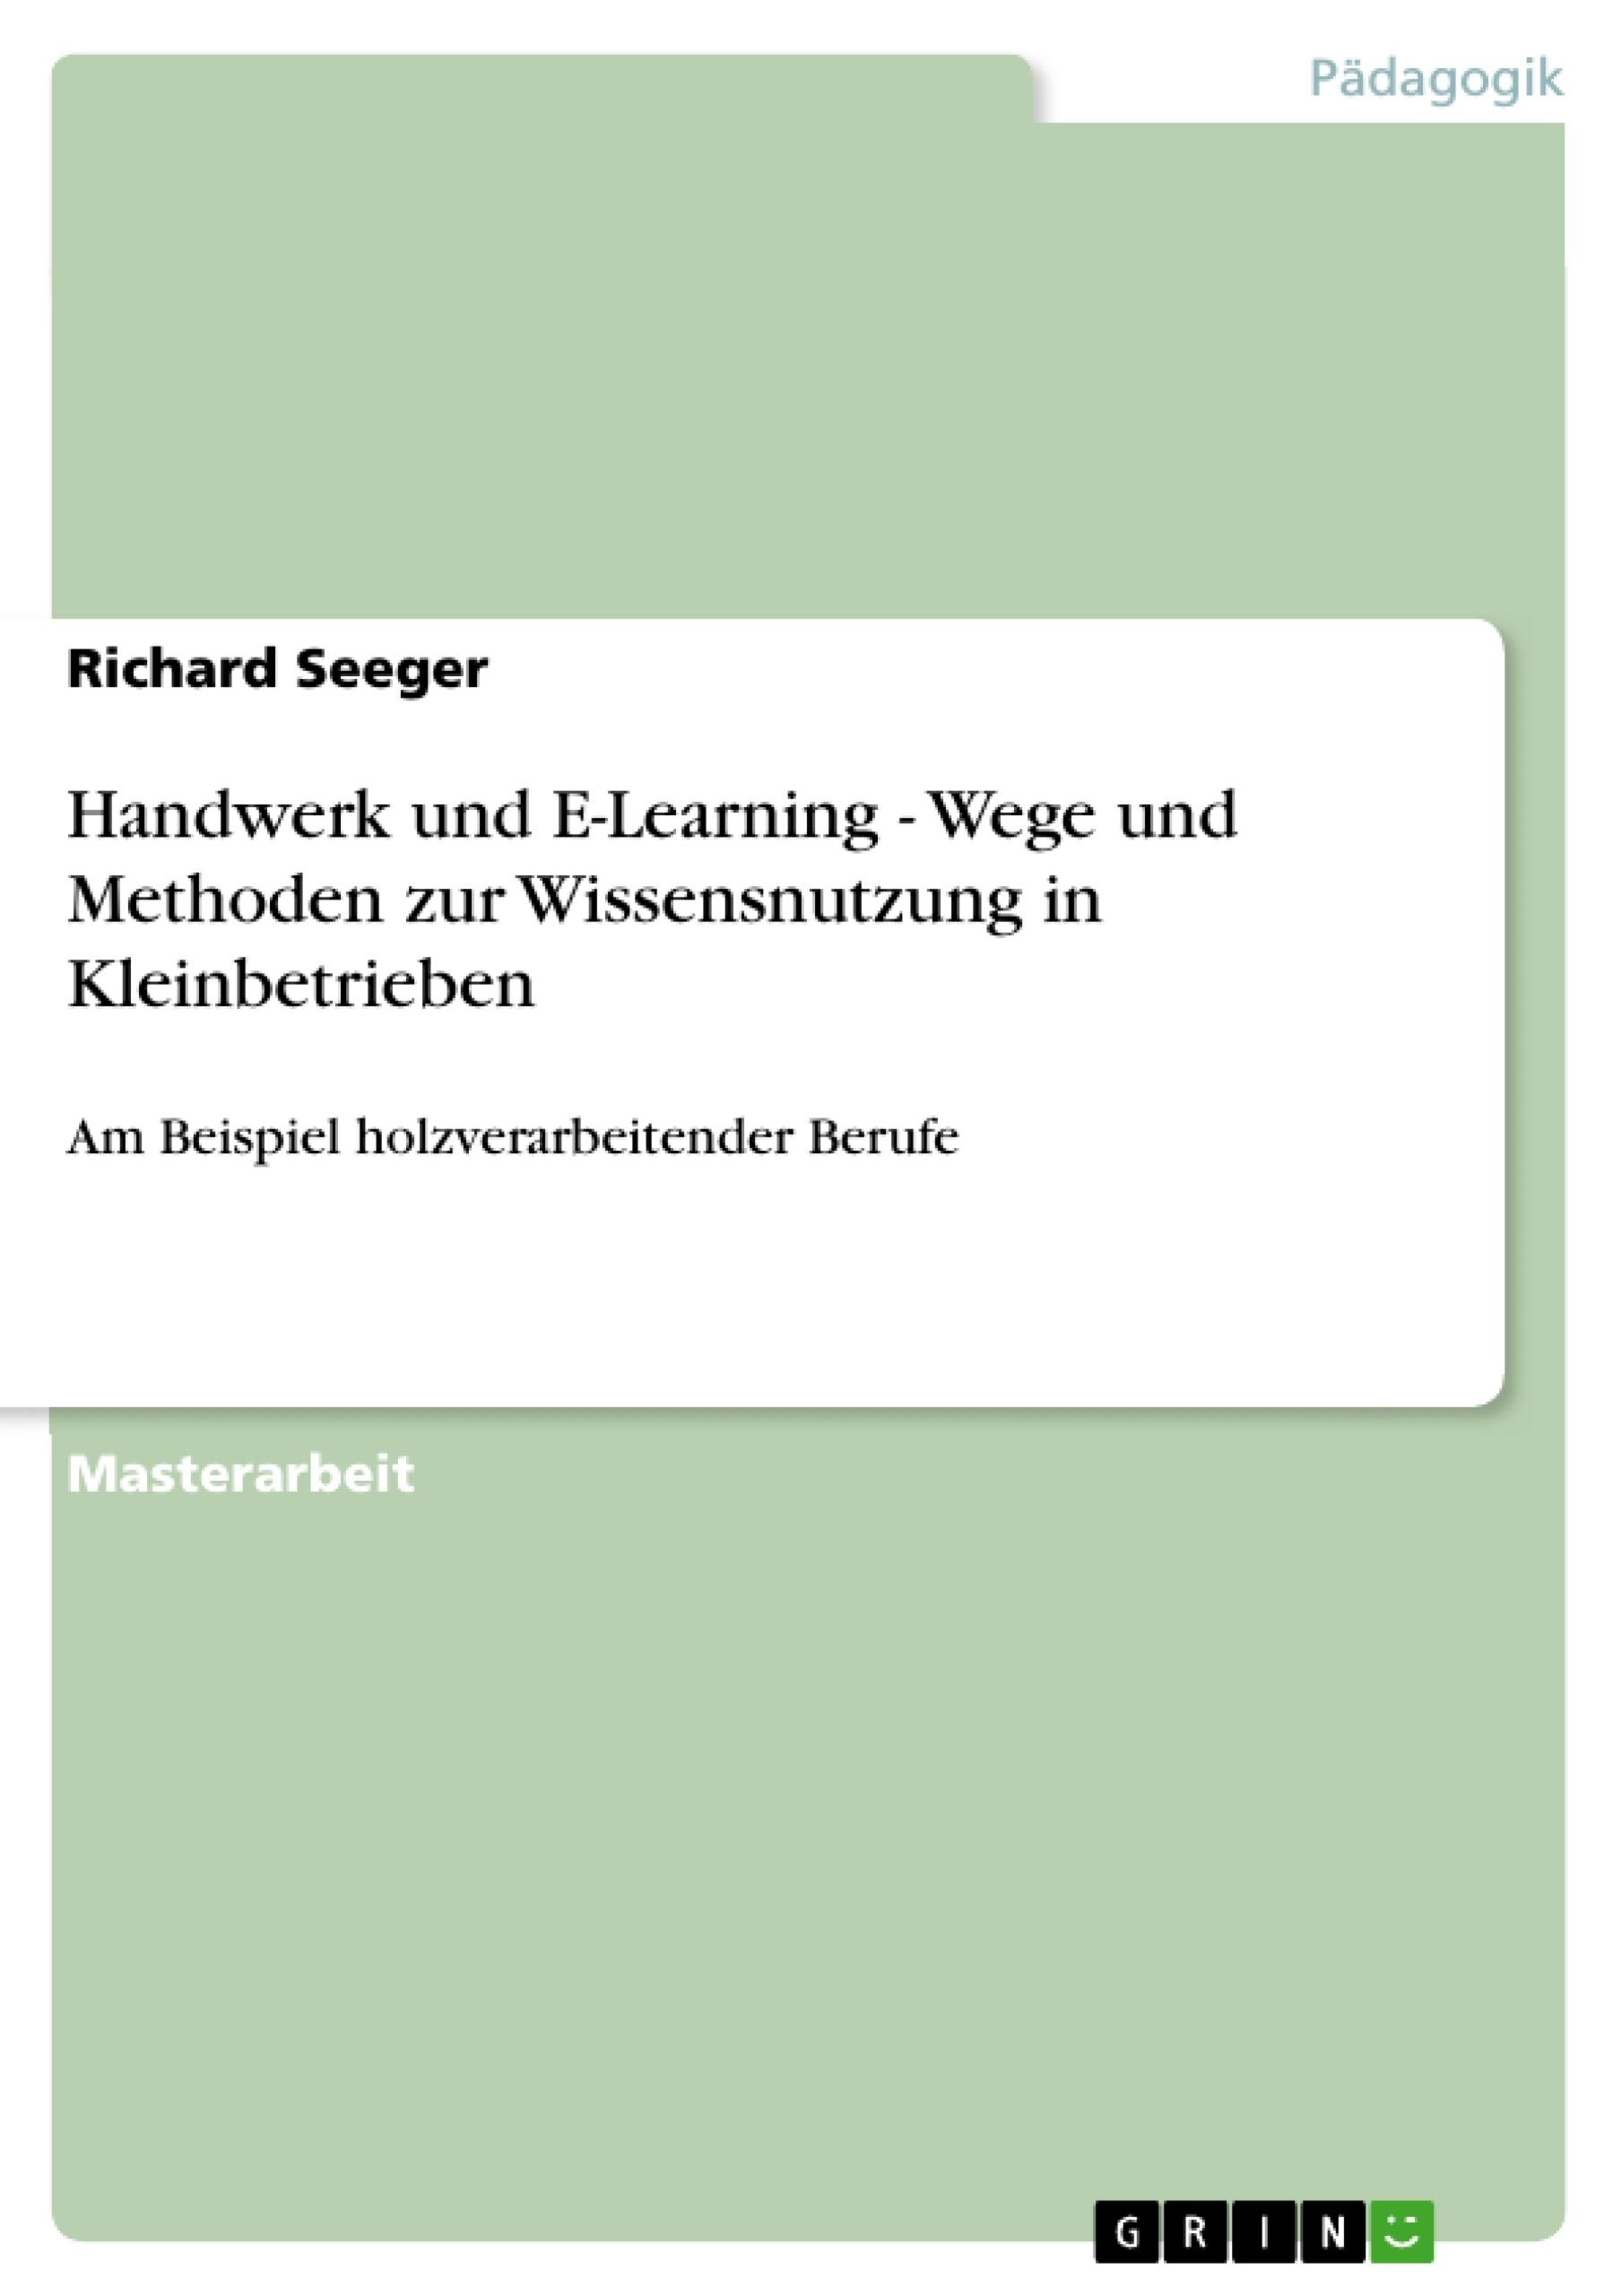 Titel: Handwerk und E-Learning - Wege und Methoden zur Wissensnutzung in Kleinbetrieben